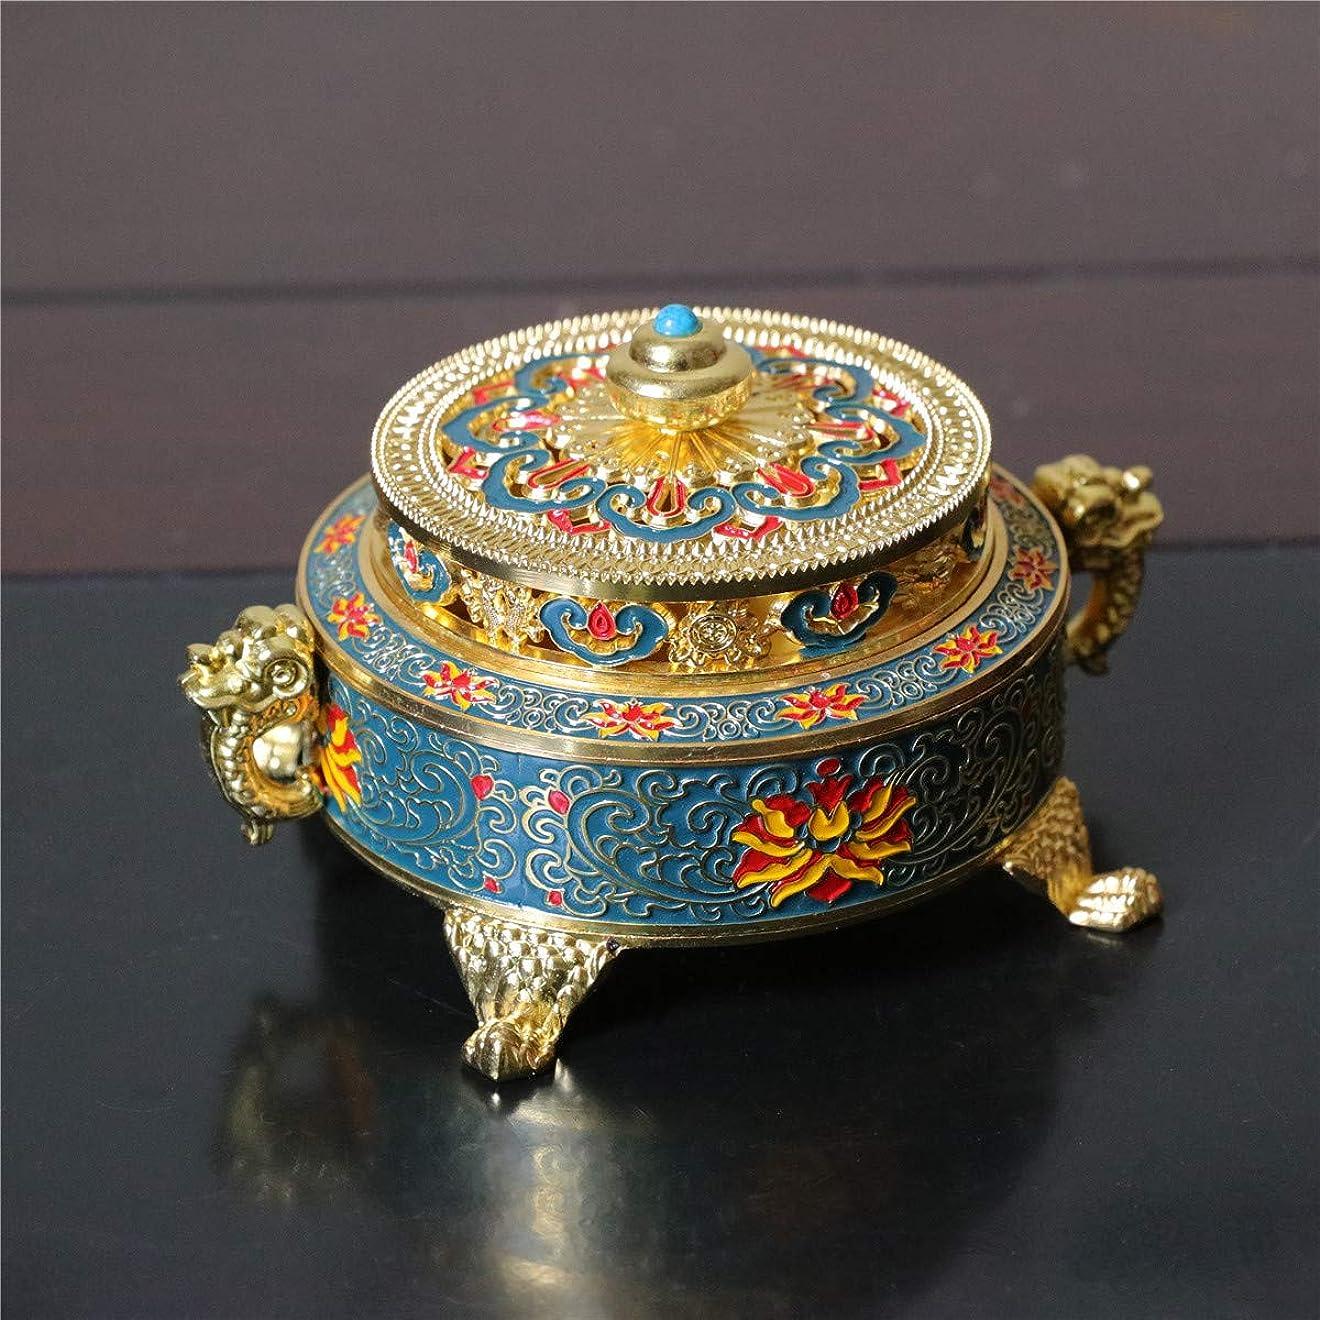 そうでなければお嬢ペチュランスPHILOGOD 香炉 美しく印刷渦巻き線香 香立て 仏壇用 香皿 (Blue Enamel)